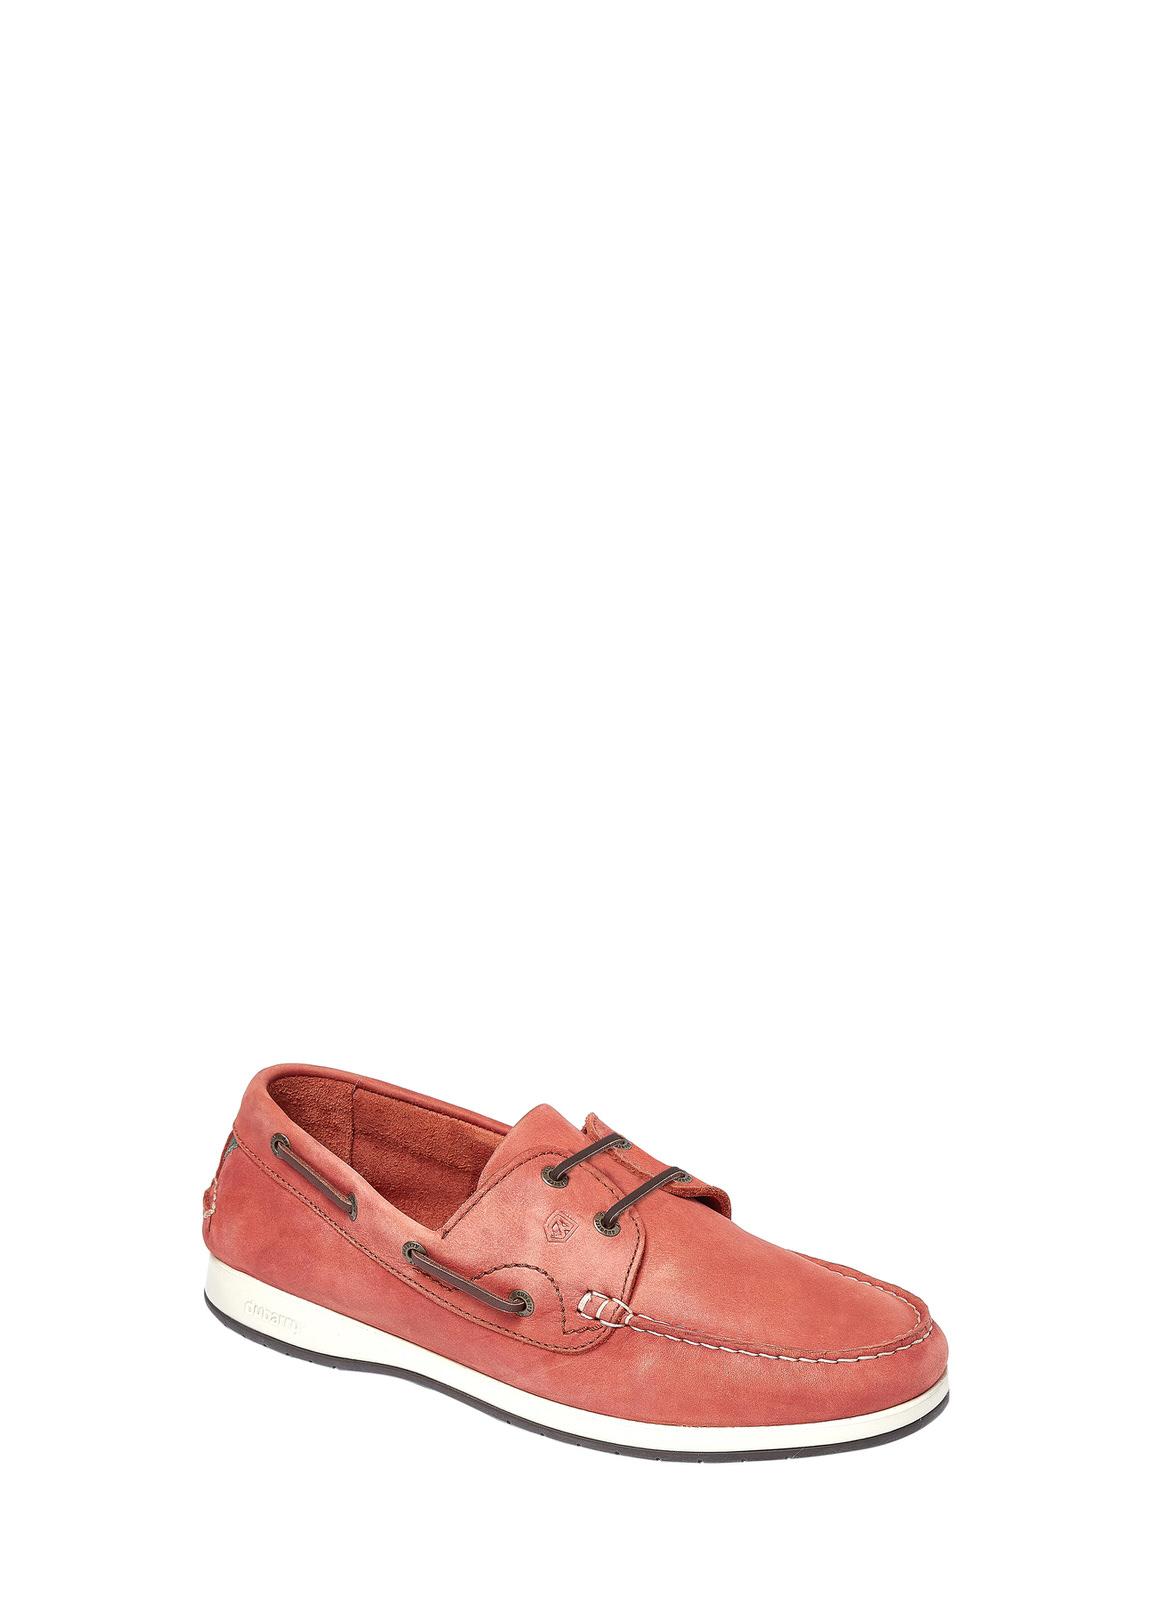 Dubarry_Pacific X LT Deck Shoe - Terracotta_Image_1